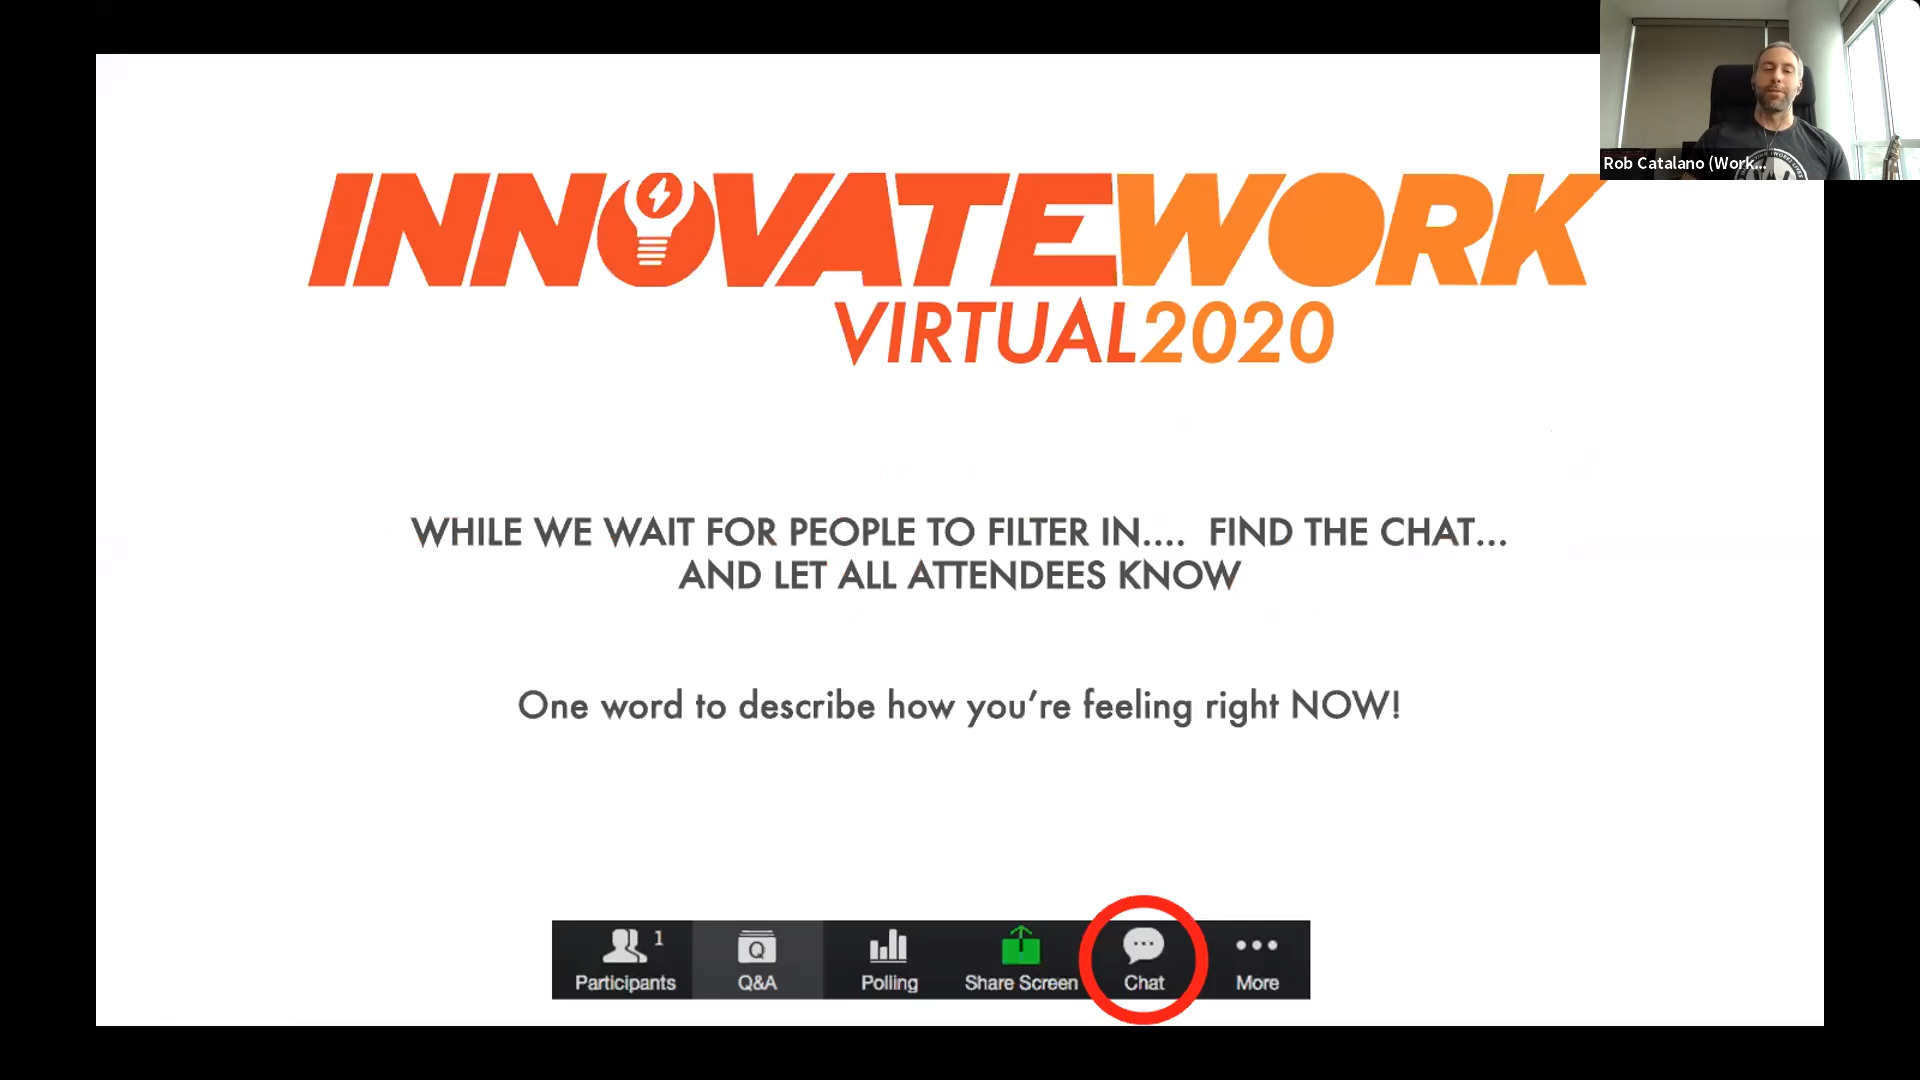 InnovateWork